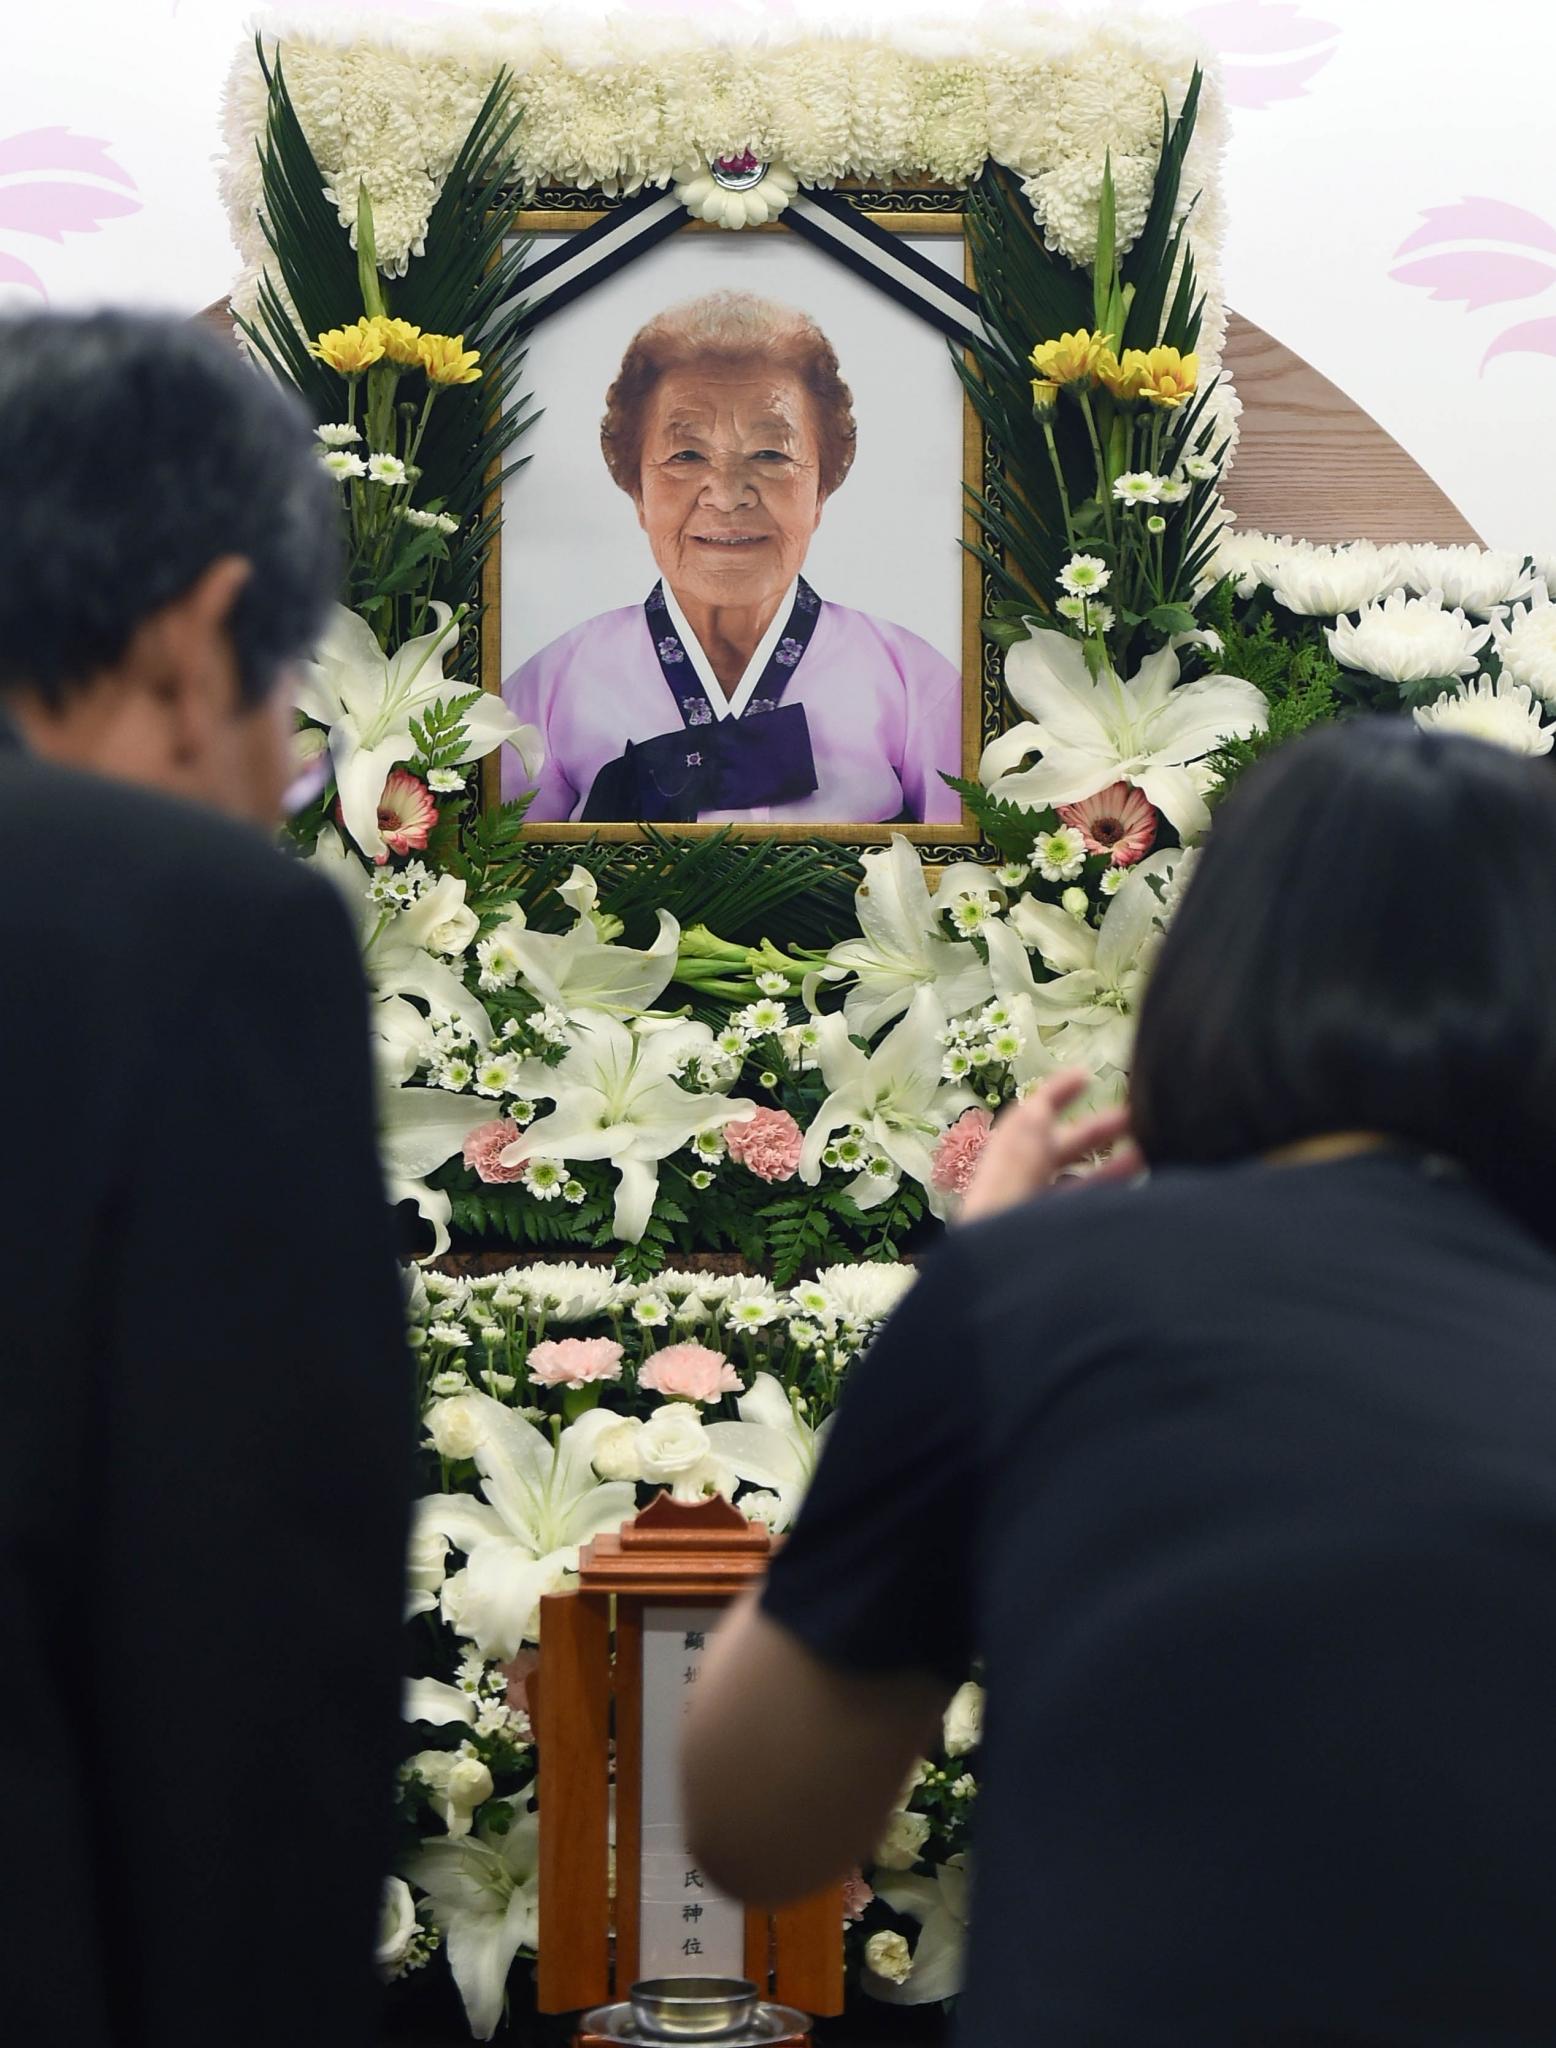 김군자 할머니. 23일 경기 성남시 분당차병원 장례식장에 마련된 위안부 피해자 김군자 할머니 빈소에 조문객의 발길이 이어지고 있다. /사진=뉴시스